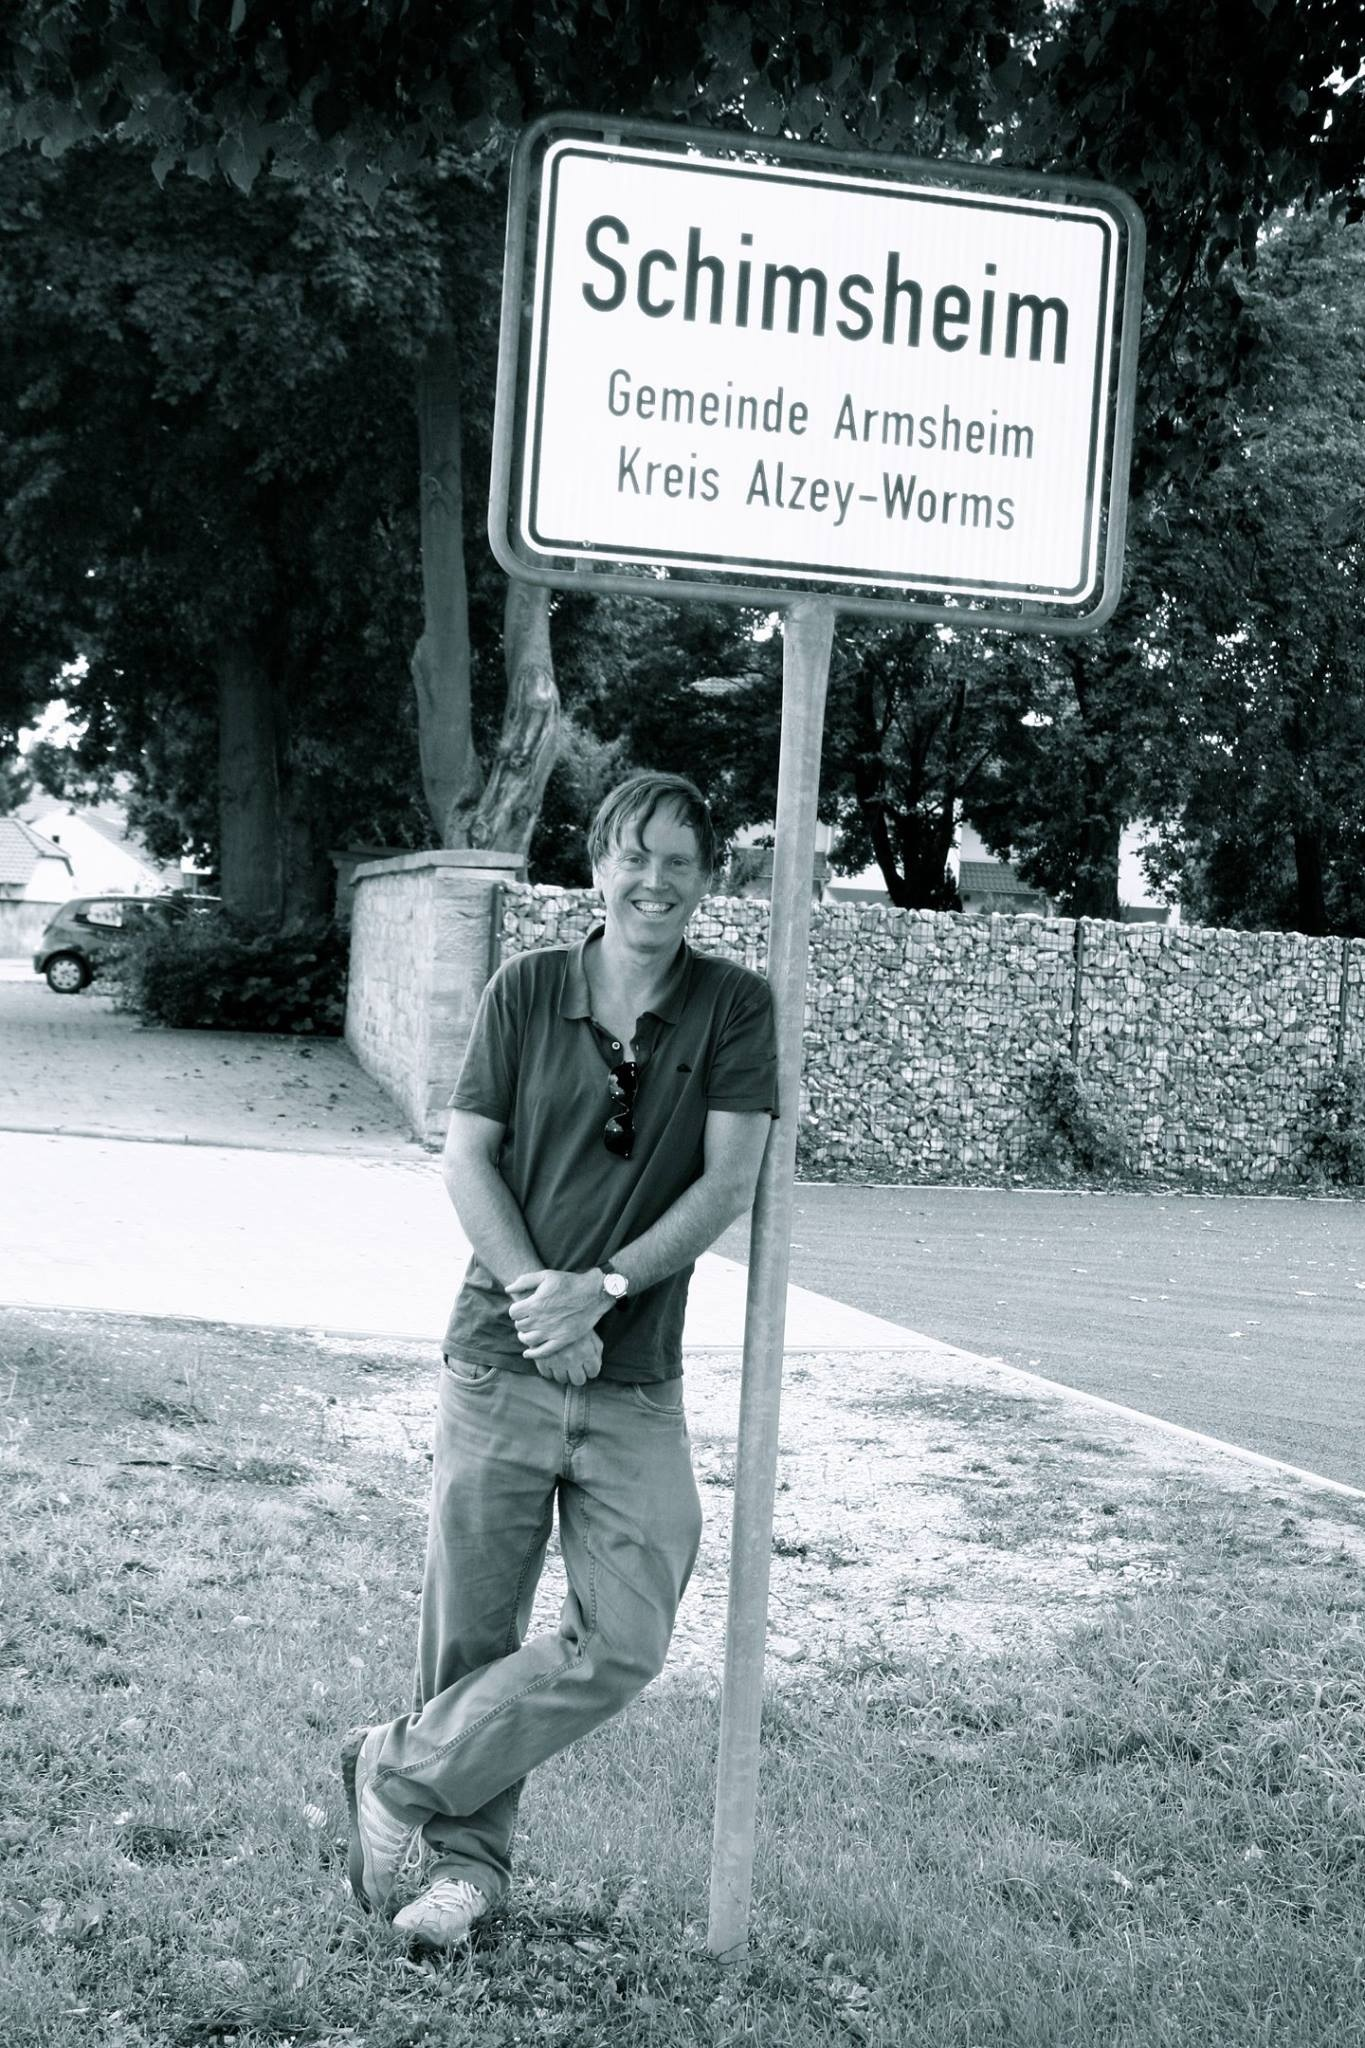 shimsheim-foto-edwin